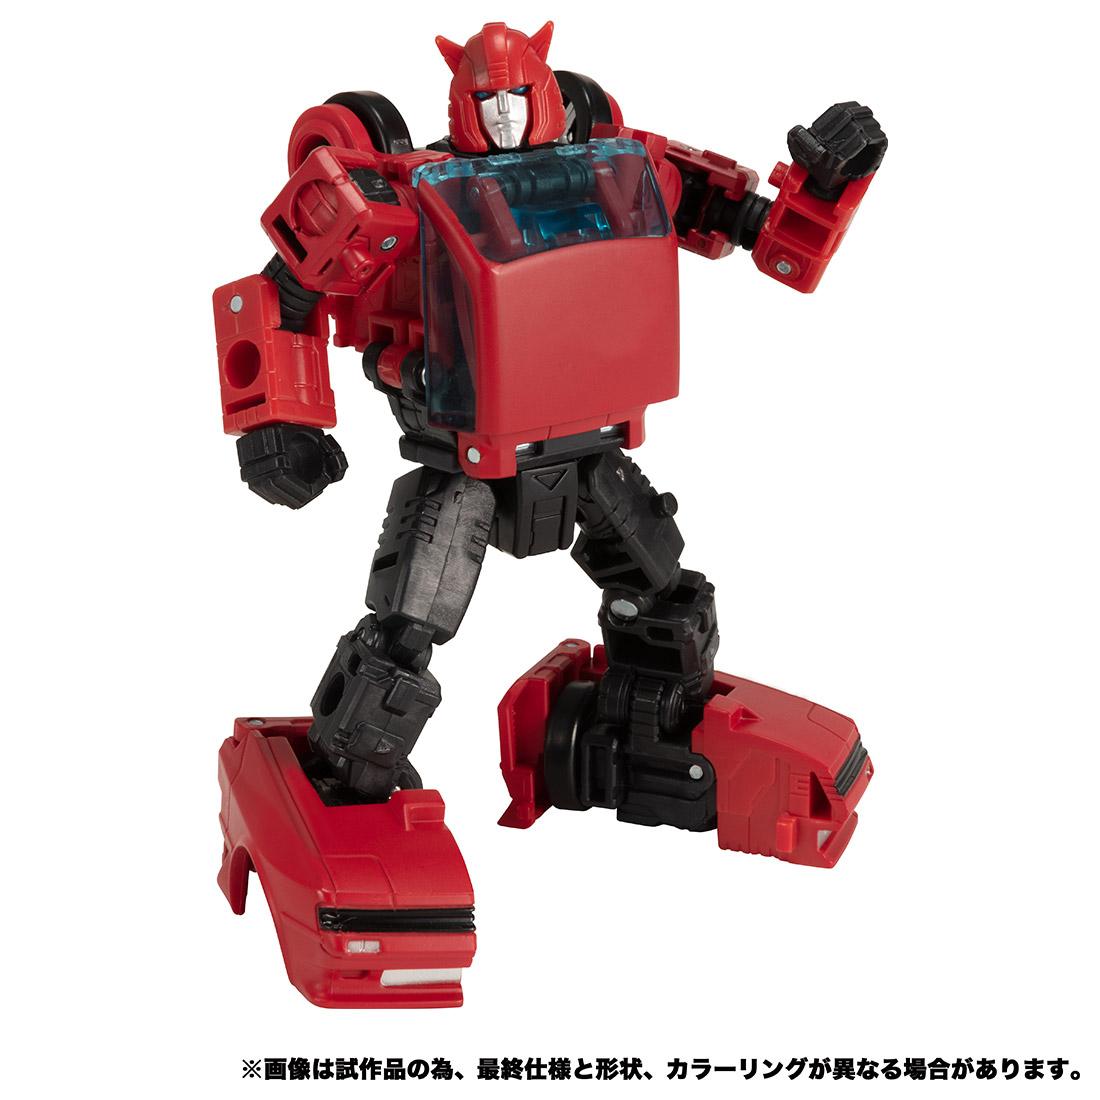 【限定販売】トランスフォーマー アースライズ『ER EX-05 クリフジャンパー』可変可動フィギュア-003